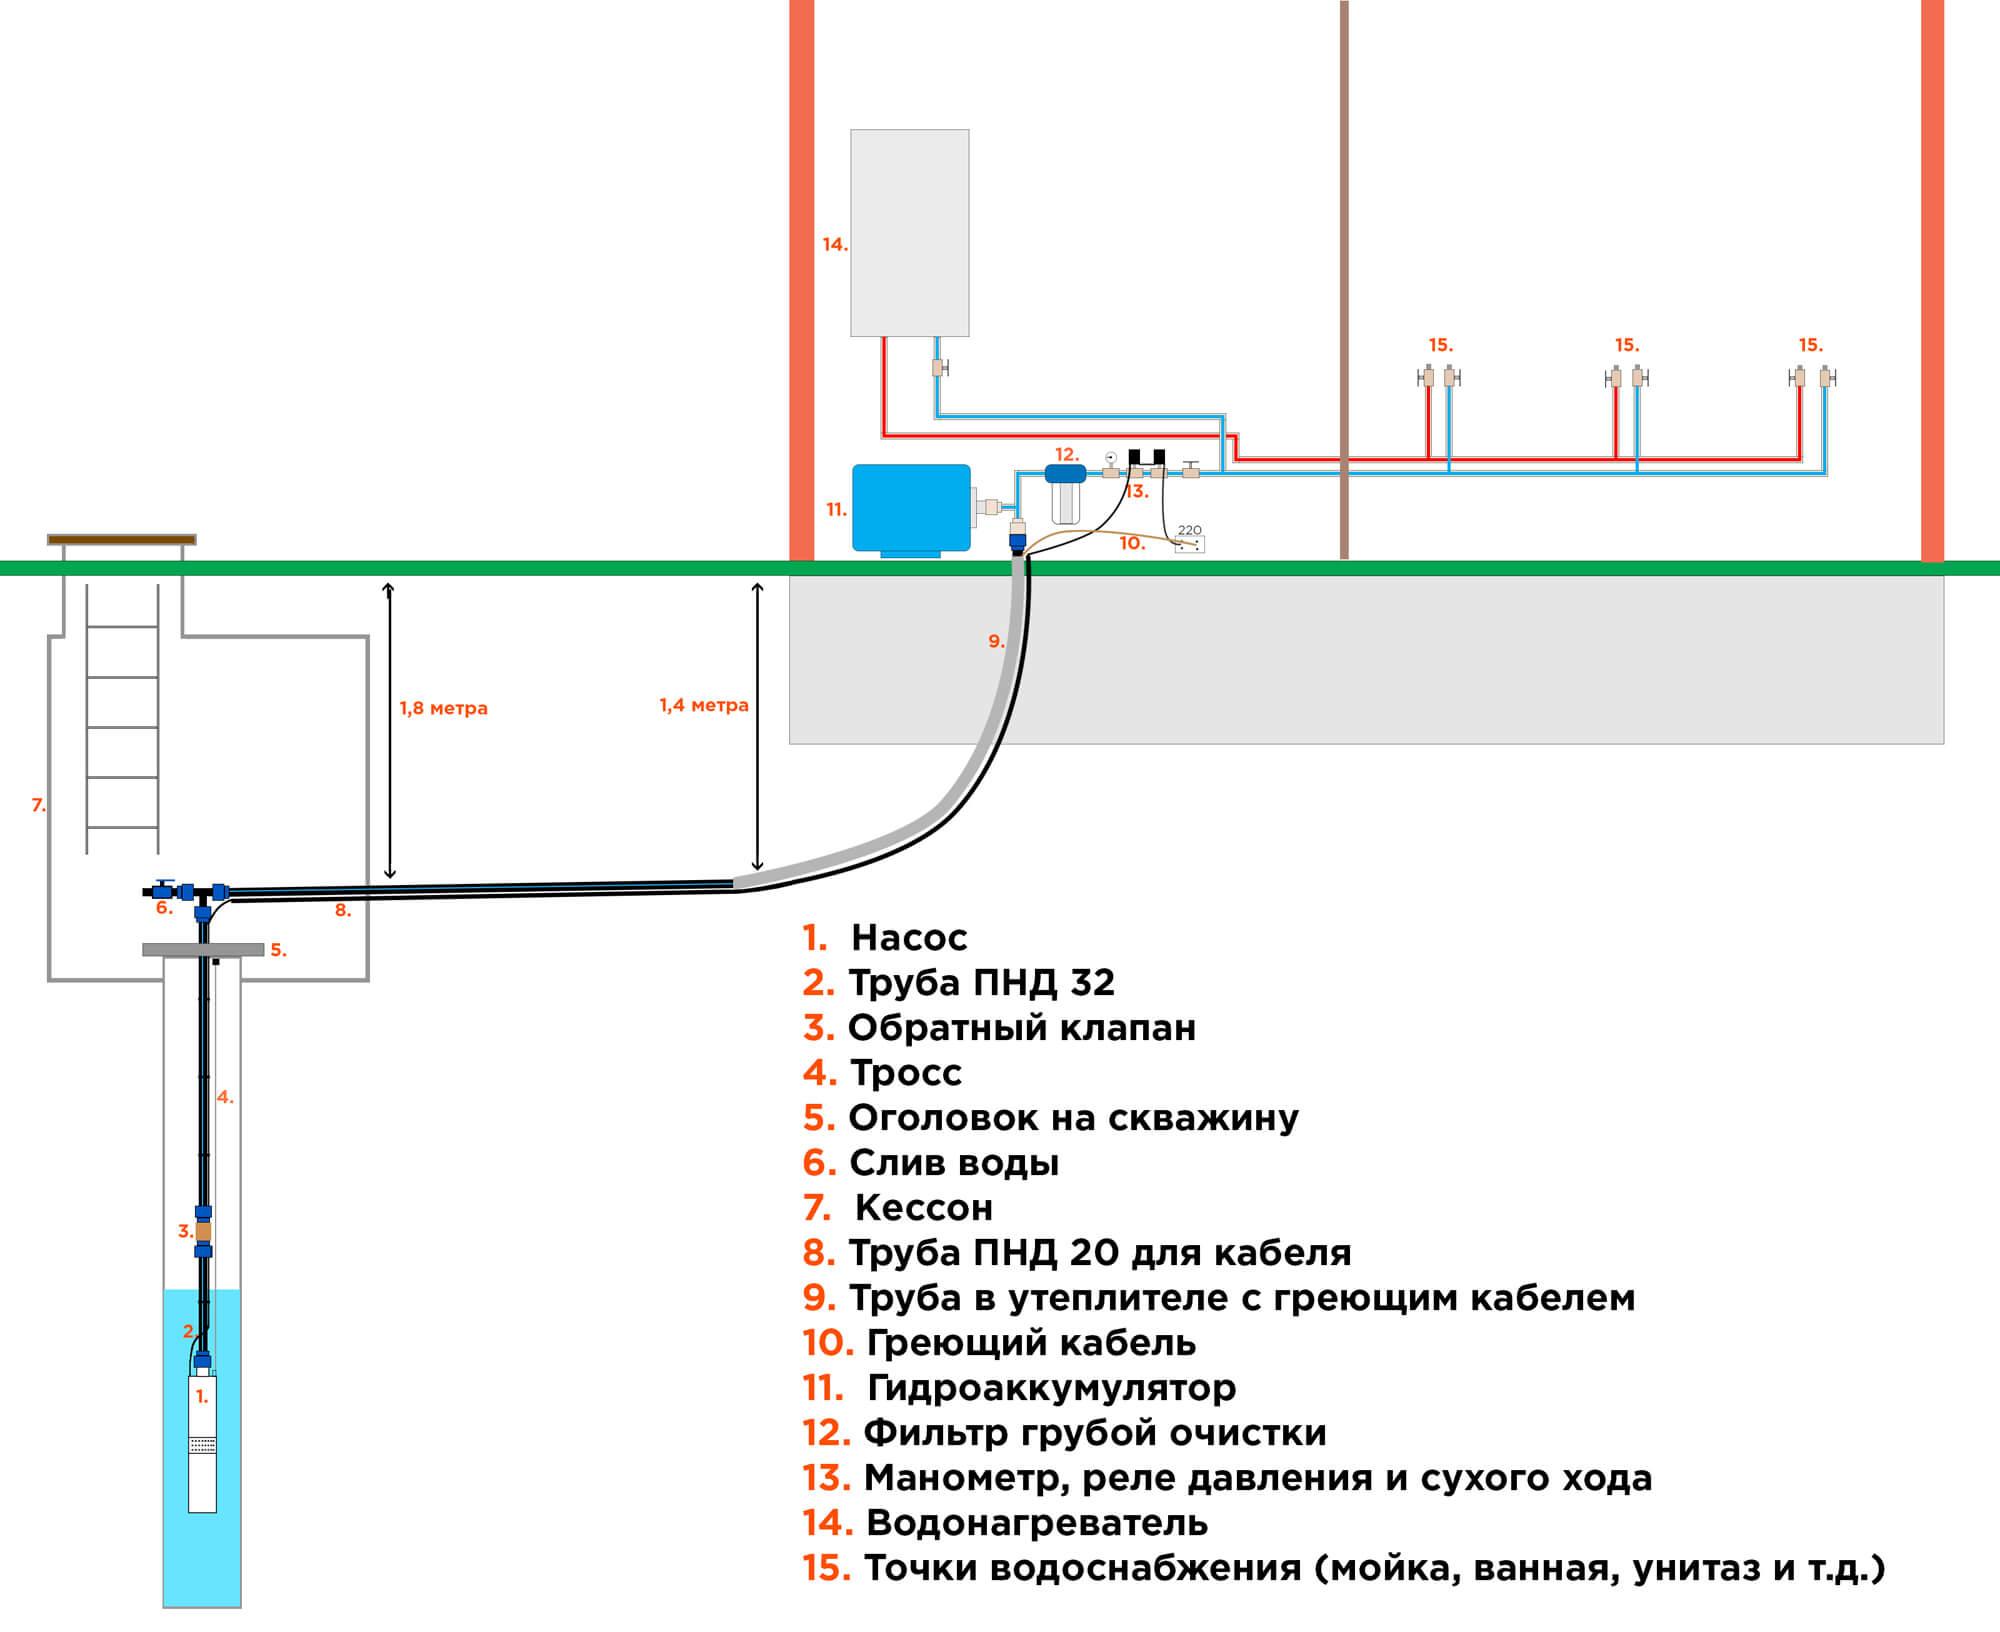 Схемы водоснабжение загородного дома из скважины своими руками 707